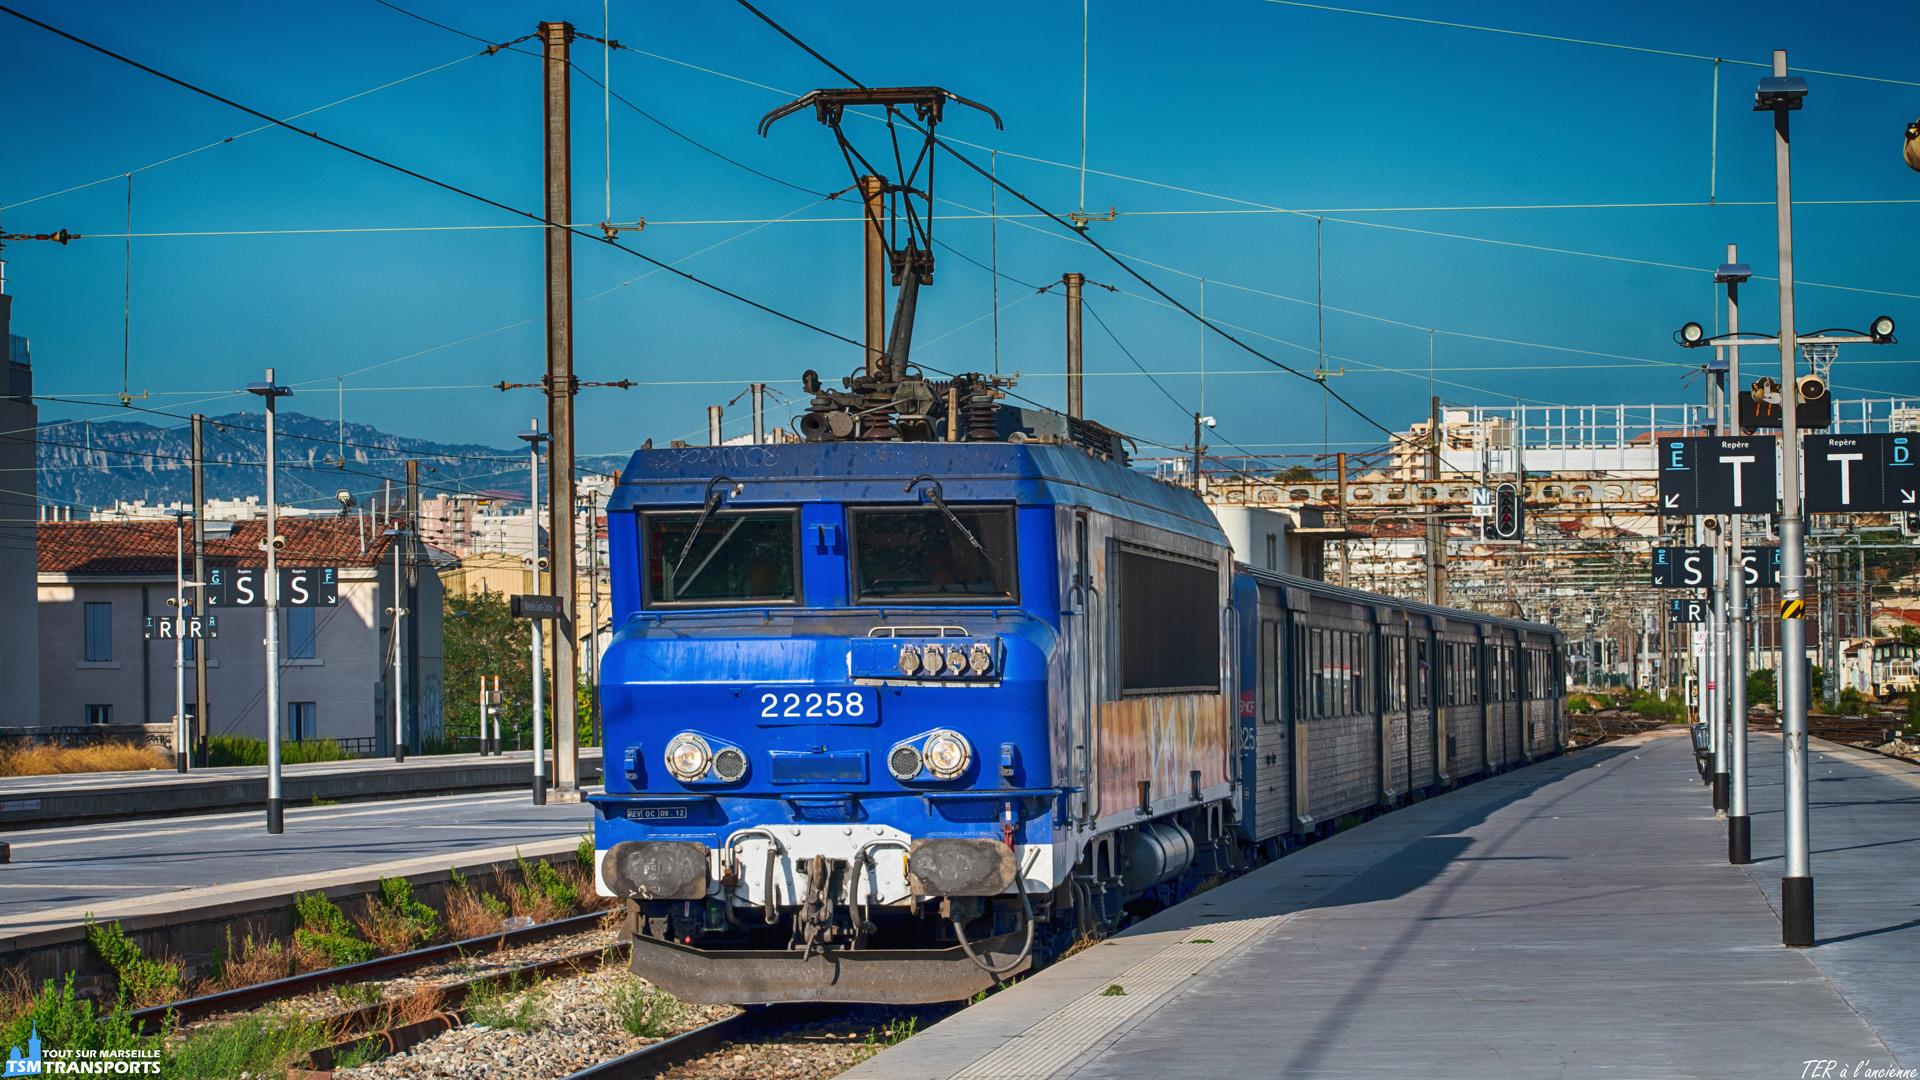 C'est en fin de semaine, à la veille du weekend sur le quai de la voie E que l'on comprend que les fameuses BB22200 aux museaux bleus n'ont pas fini de rouler sur les services TER de la région PACA. . Ici c'est en fin de journée que cette BB22200RC entre au pas en gare accompagnée de sa RRR après avoir assuré un TER en provenance d'Avignon Centre. . ℹ️ Alstom BB22200RC (BB22258RC) SNCF TER PACA. . 📍 Gare de Marseille Saint Charles, Square Narvik, 1er arrondissement de Marseille. . ↔️ TER 879531 : Avignon Centre - Marseille Saint Charles. . 📸 Nikon D5600. . 📷 Nikkor 70-300mm. . 📅 13 Septembre 2019 à 17:40. . 👫 En compagnie de @ambre.sce13 / @trains_du_sud .